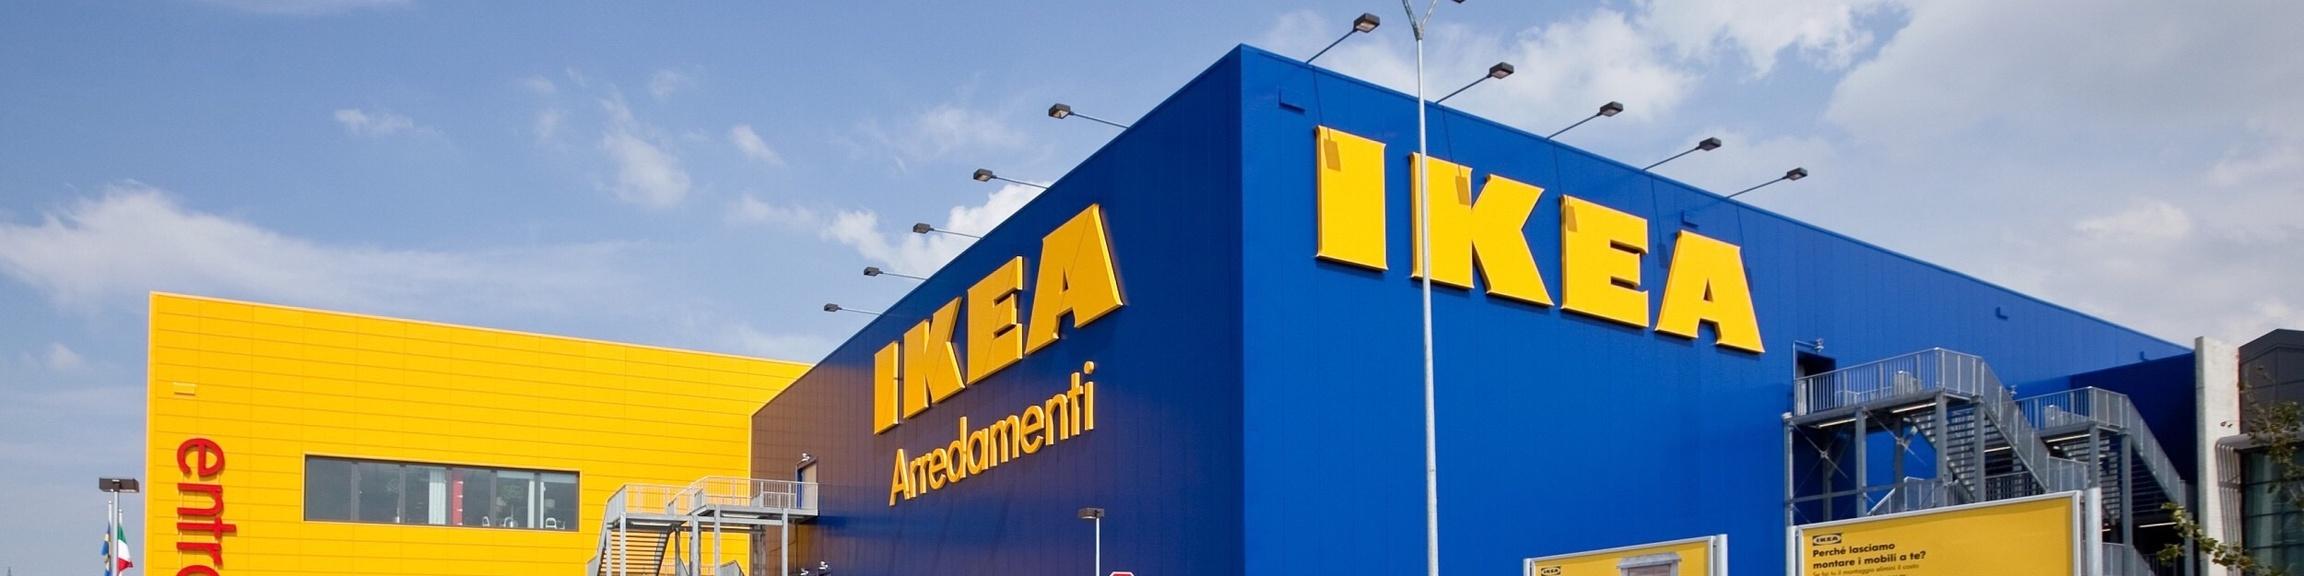 Ikea-old